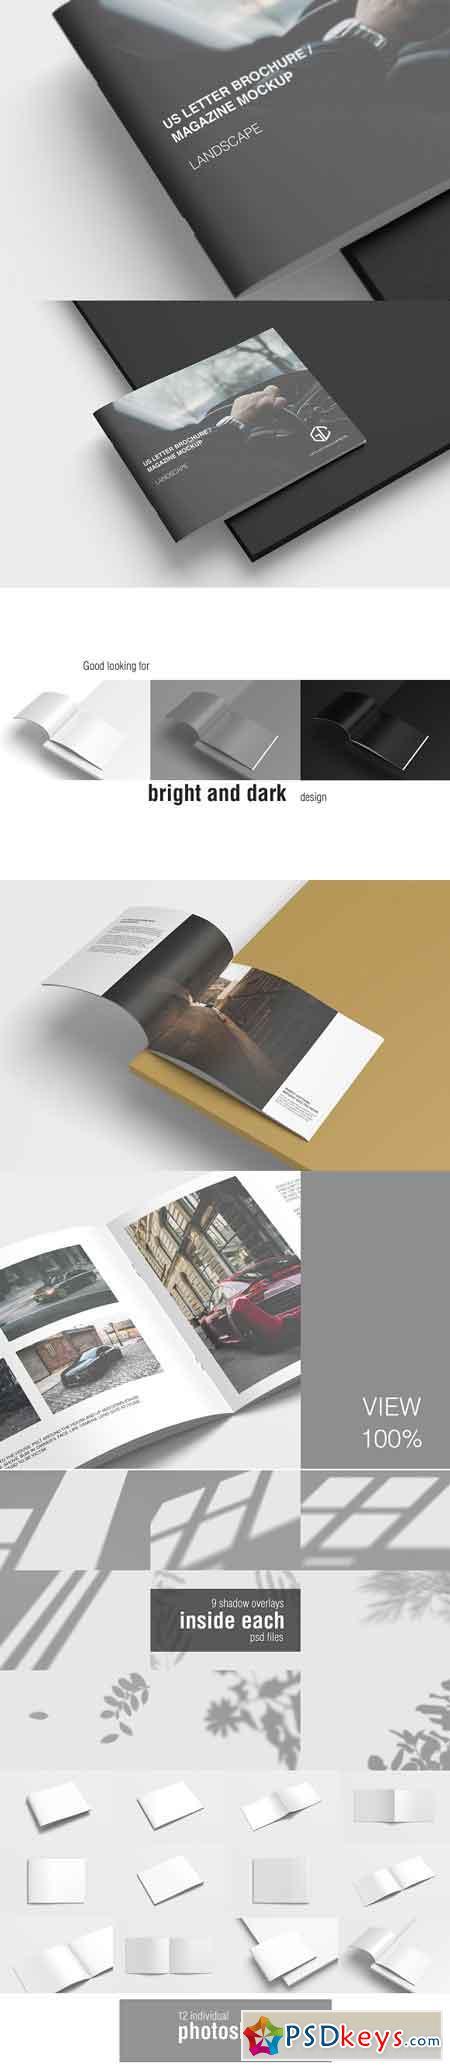 US Letter Landscape Brochure Mockup 3336390